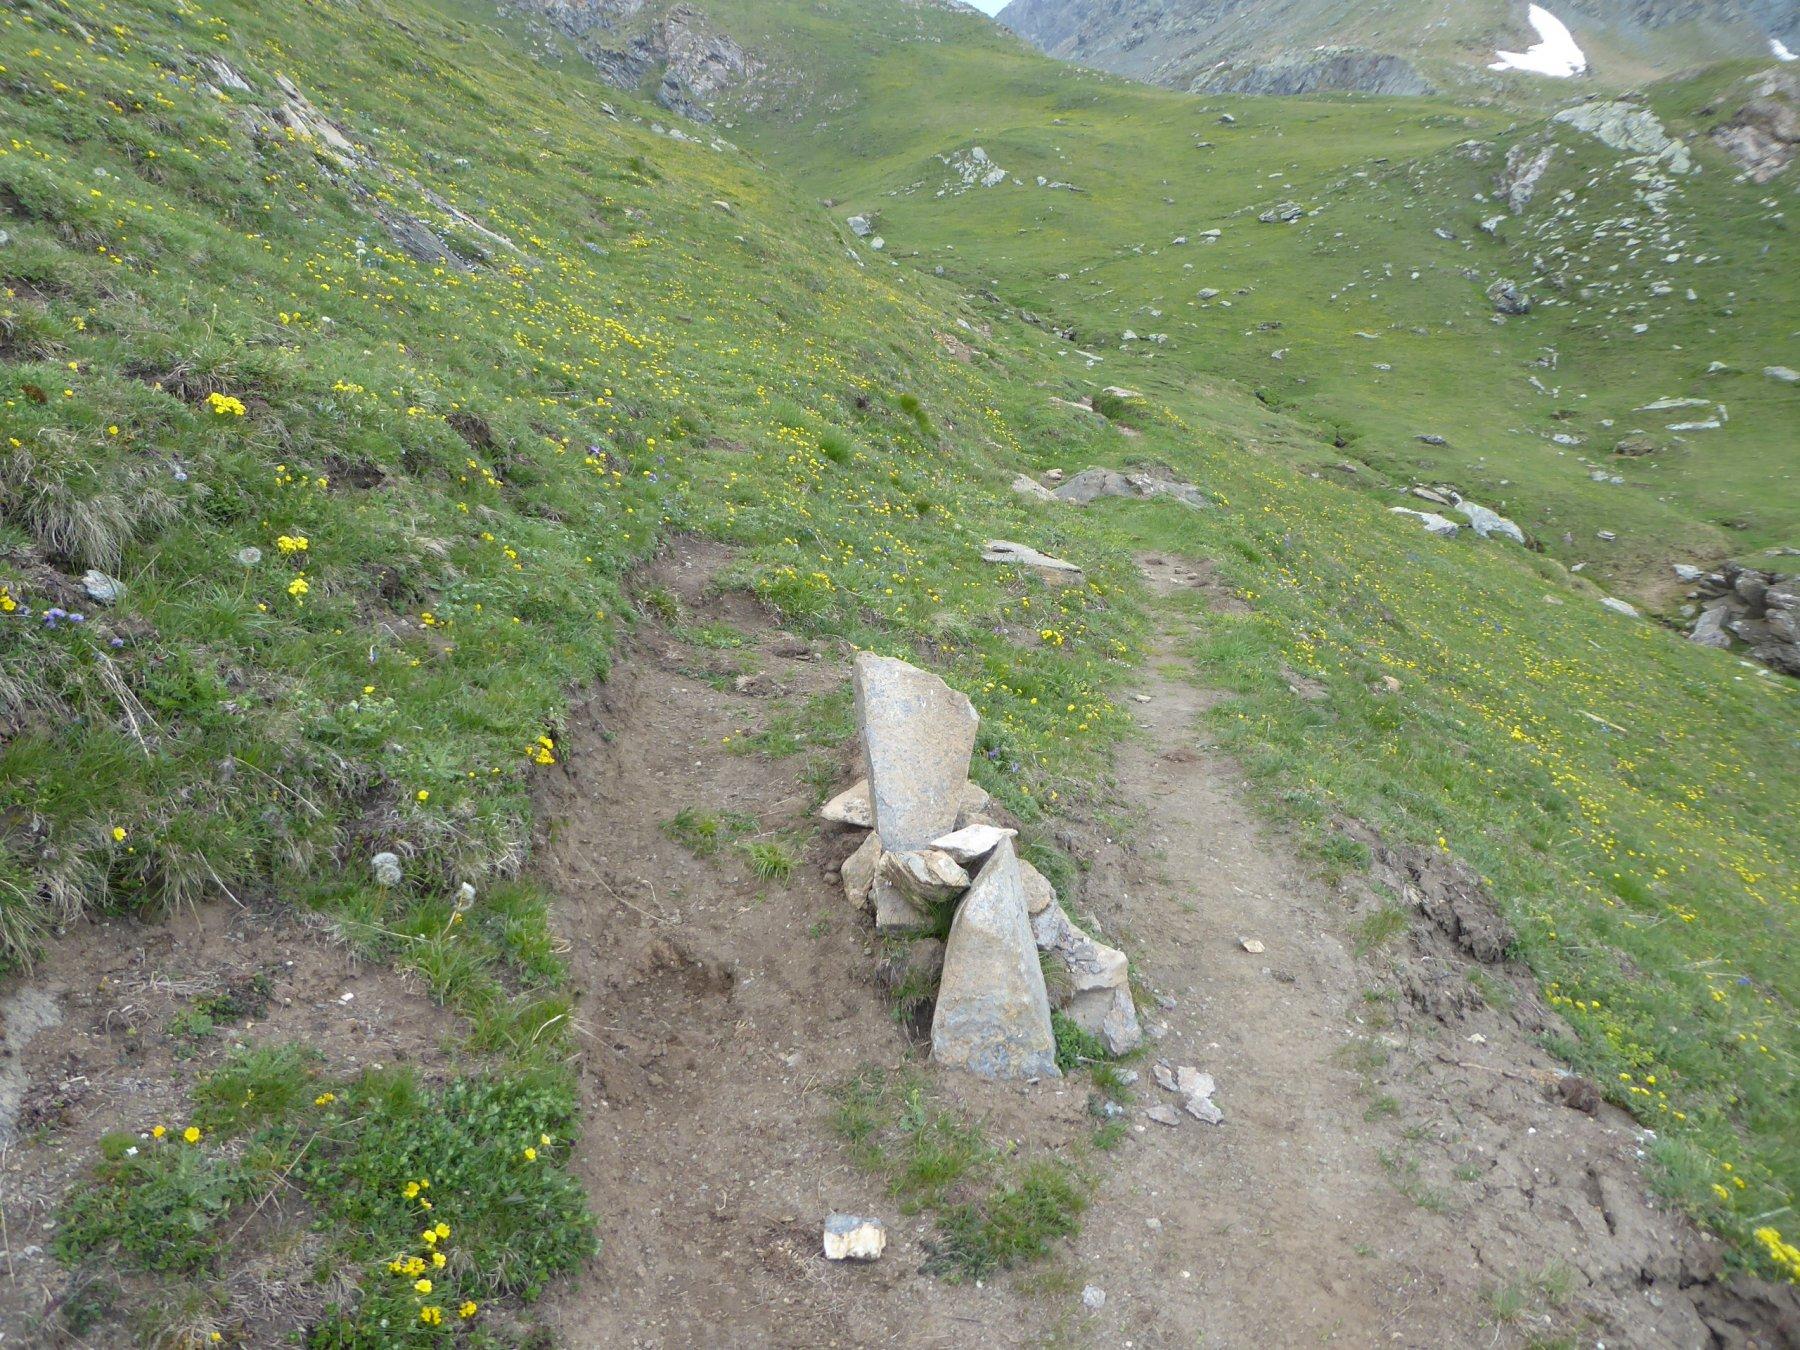 ometto al bivio (2225 metri)  prima del casotto